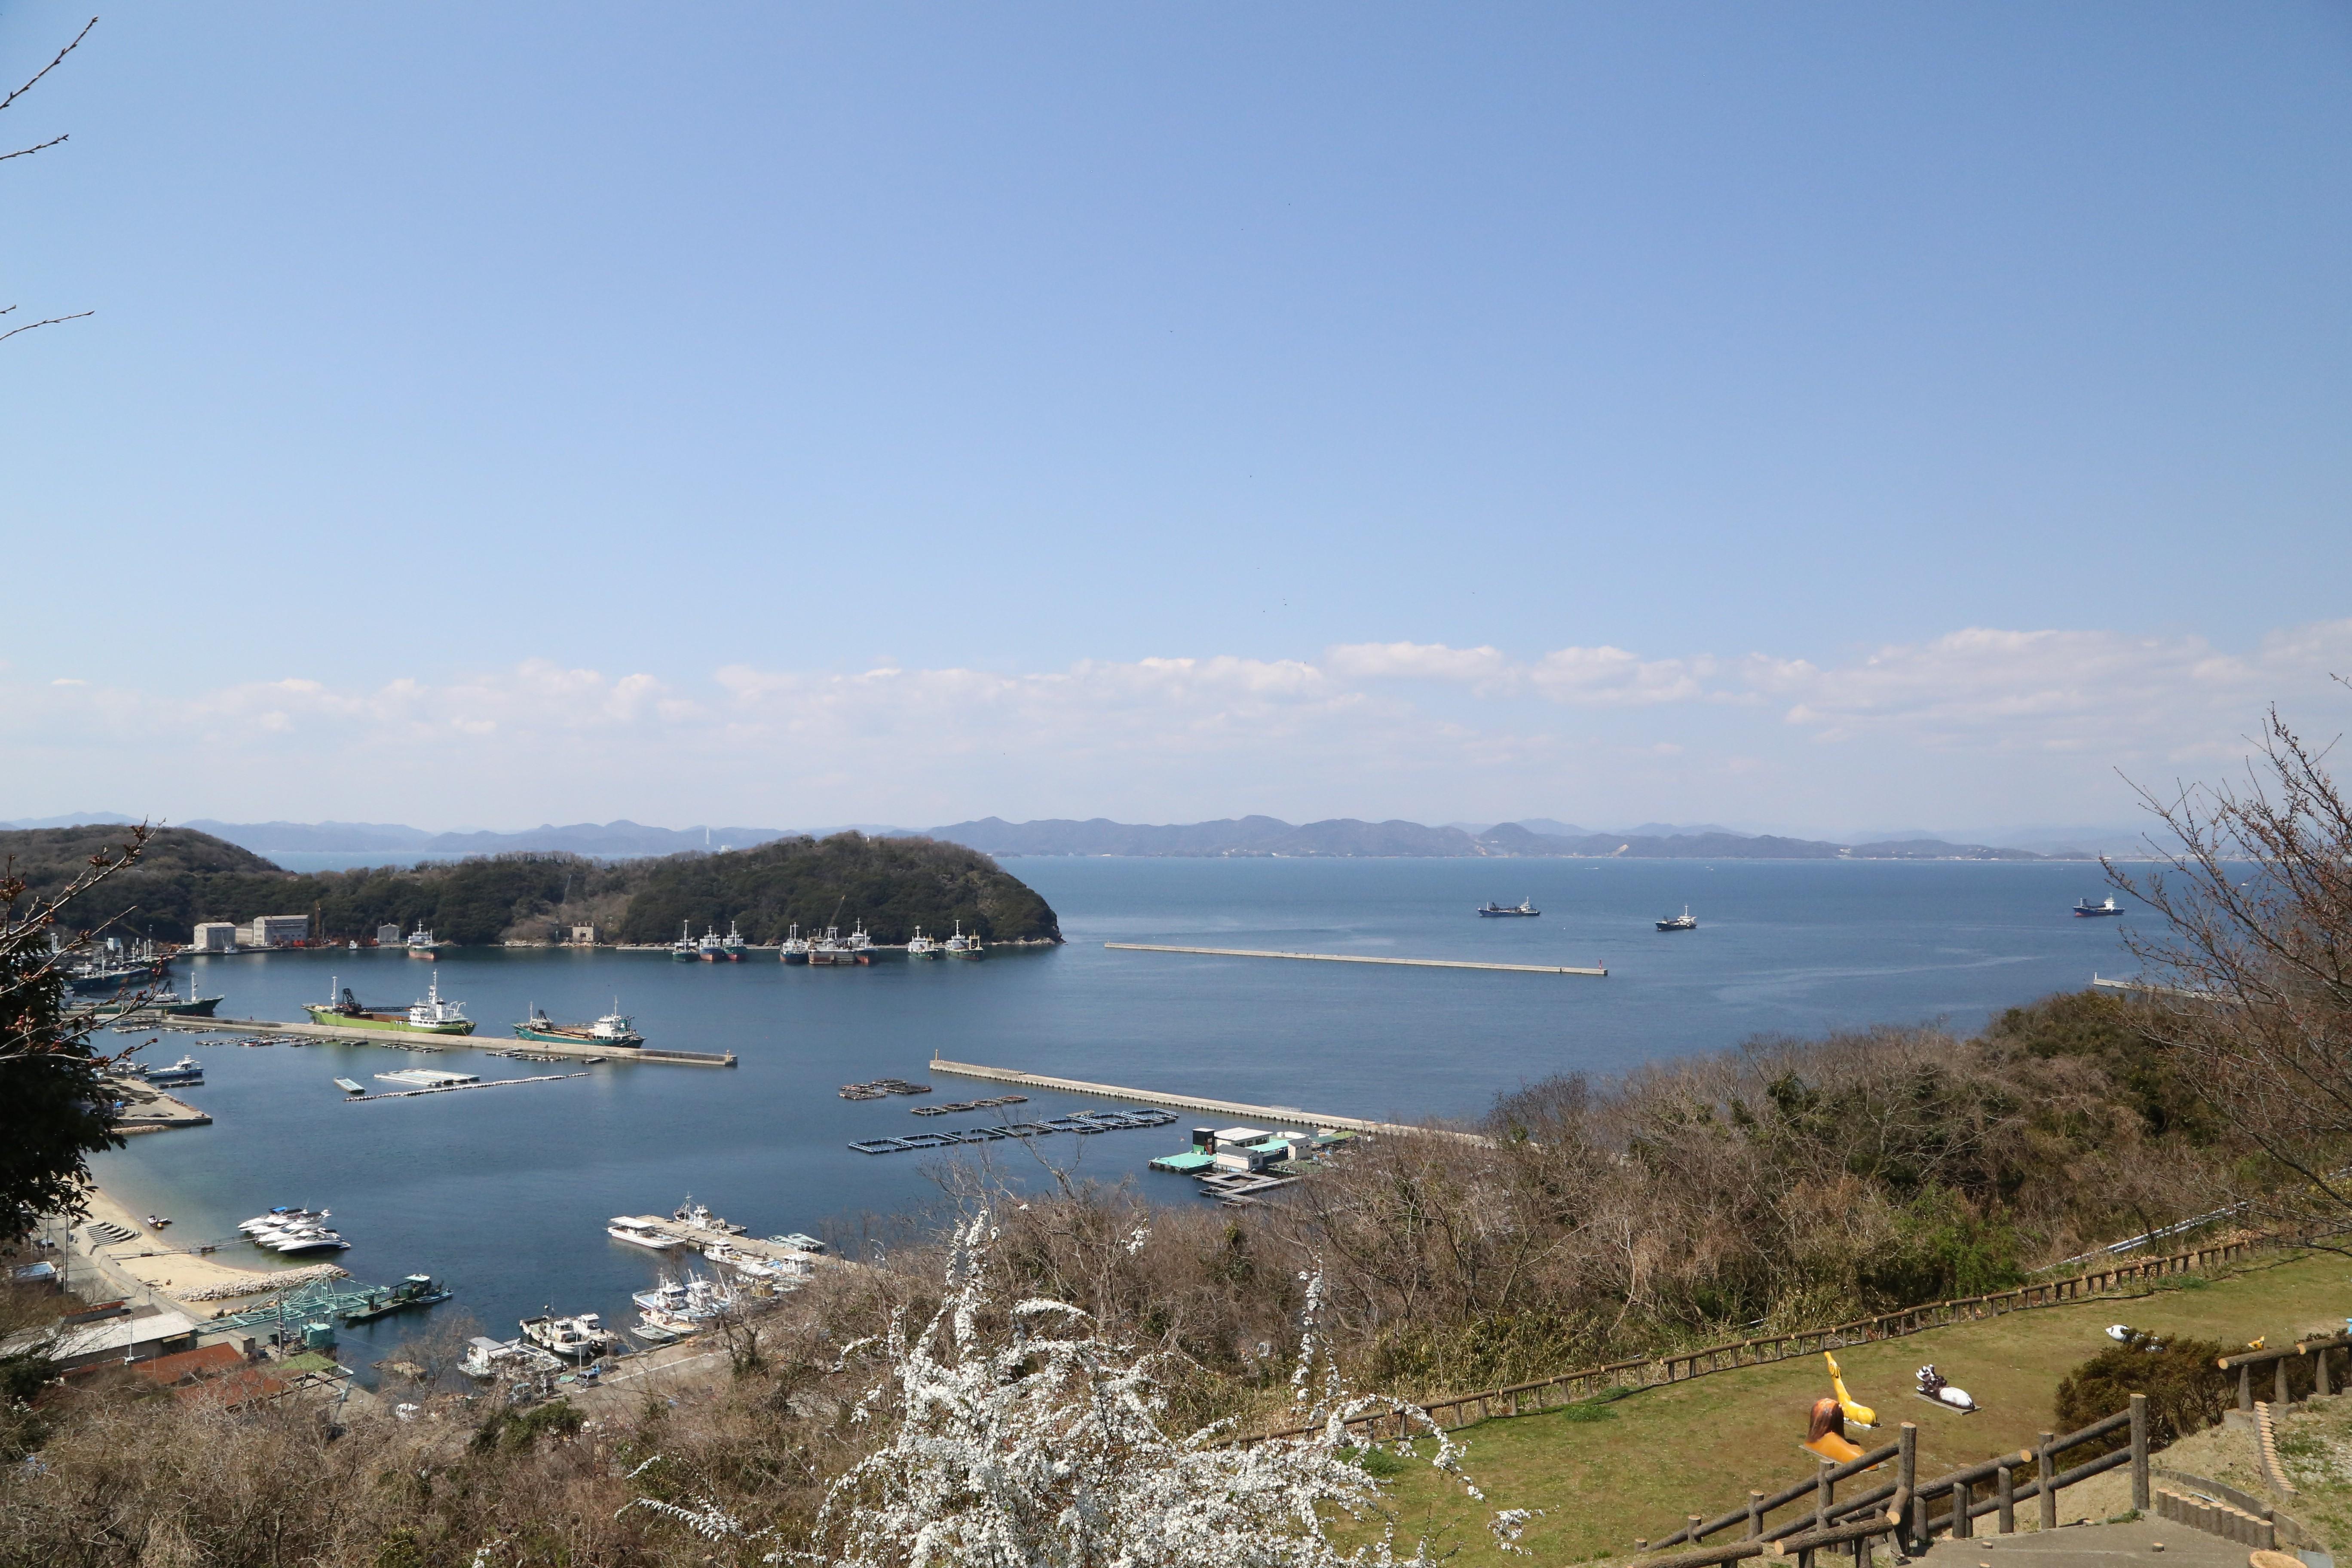 ヤマハ藤田オークマリーナ店から約30分間のクルージングで家島へ到着